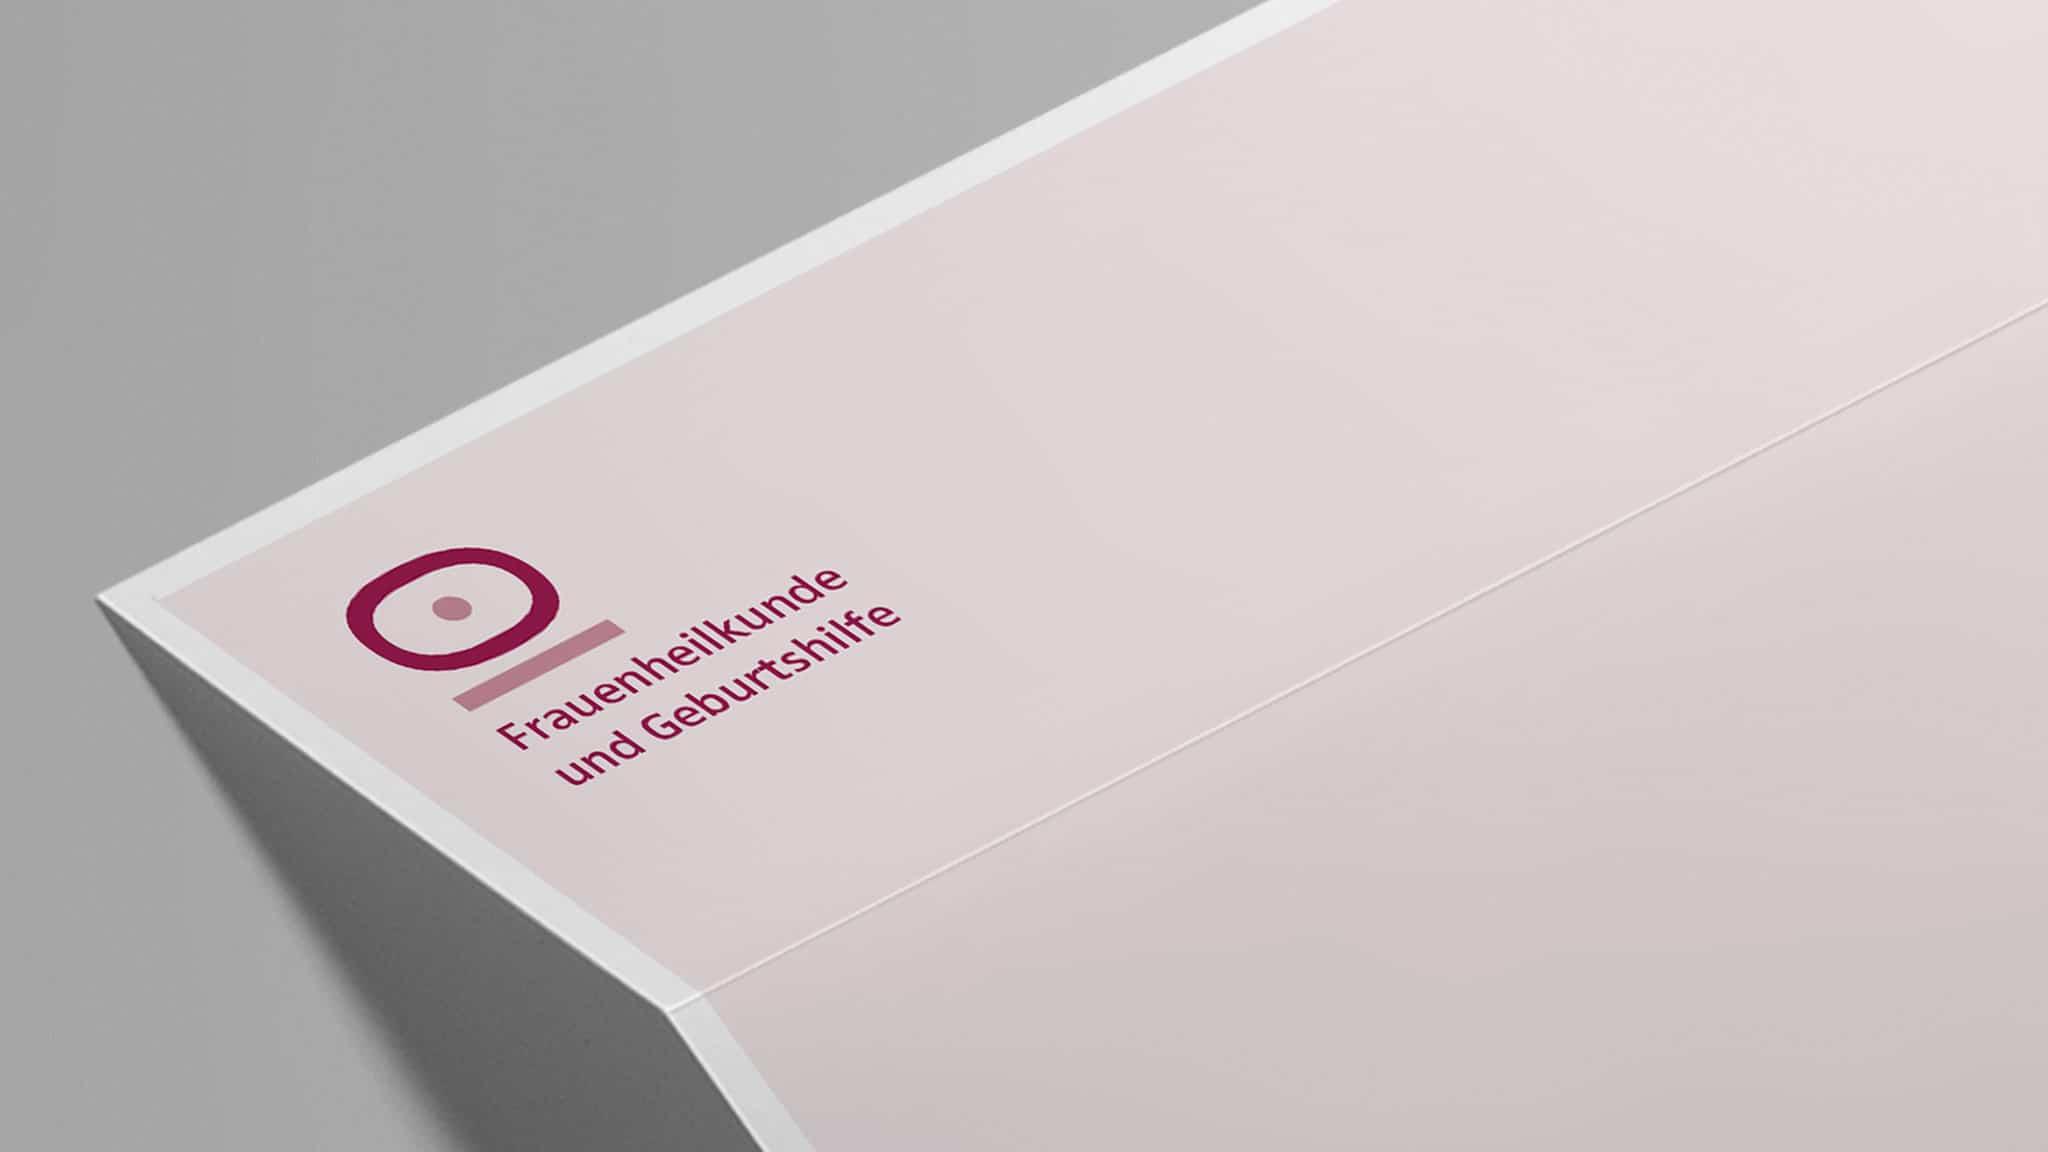 21_Frauenheilkunde-Geburtshilfe-Corporate-Design-1korr